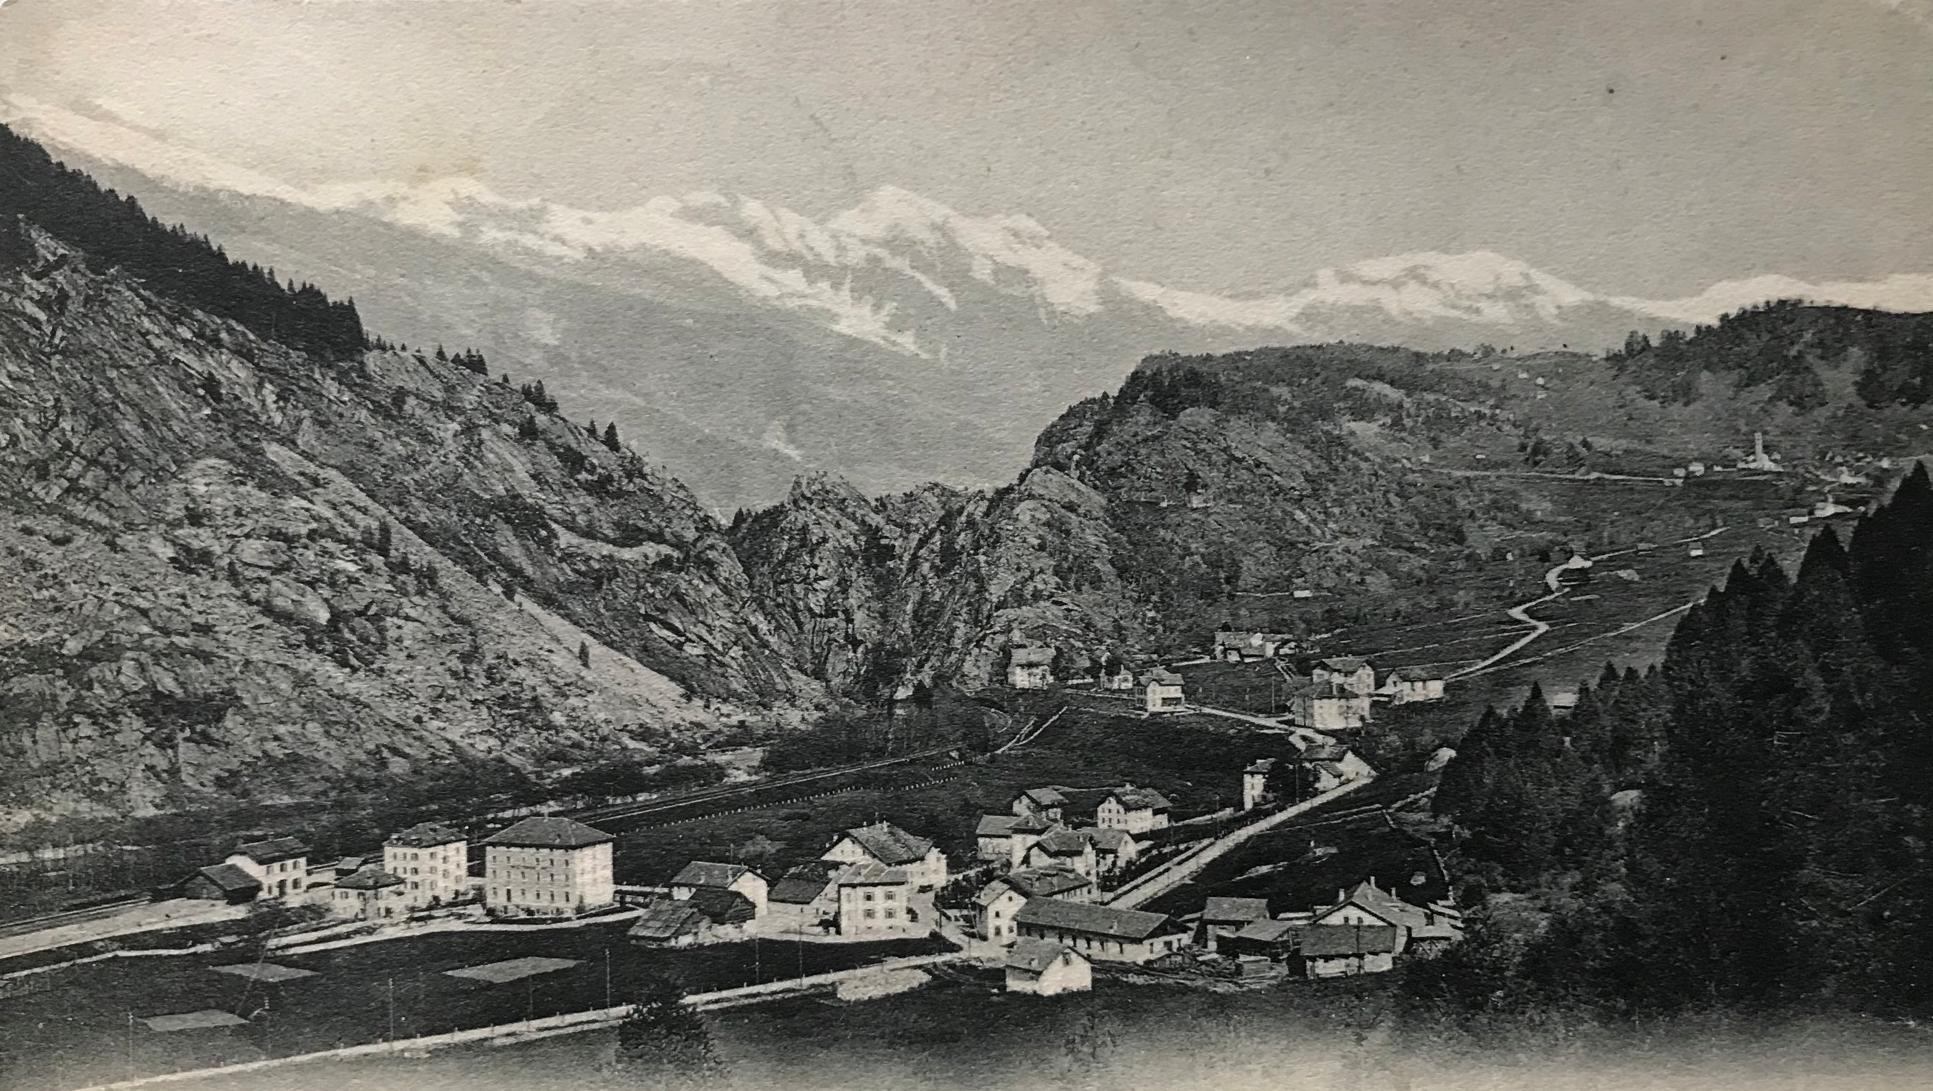 Rodi-Fiesso 1907